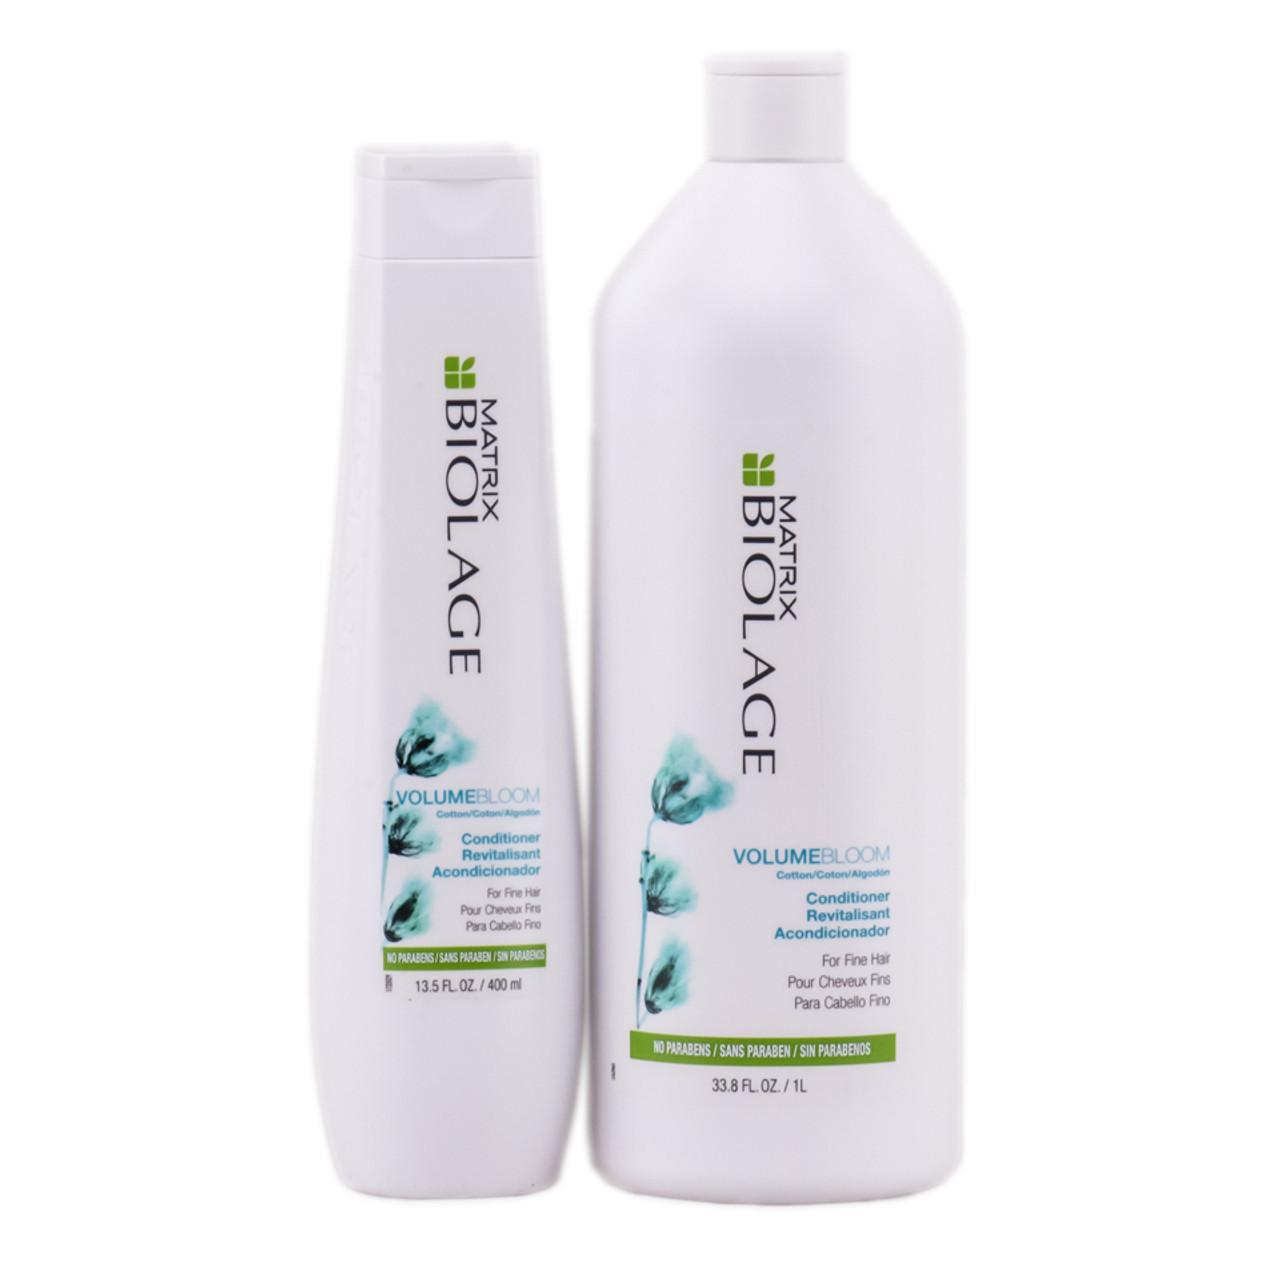 Matrix hair brush 4 - Matrix Biolage Volumebloom Conditioner For Fine Hair